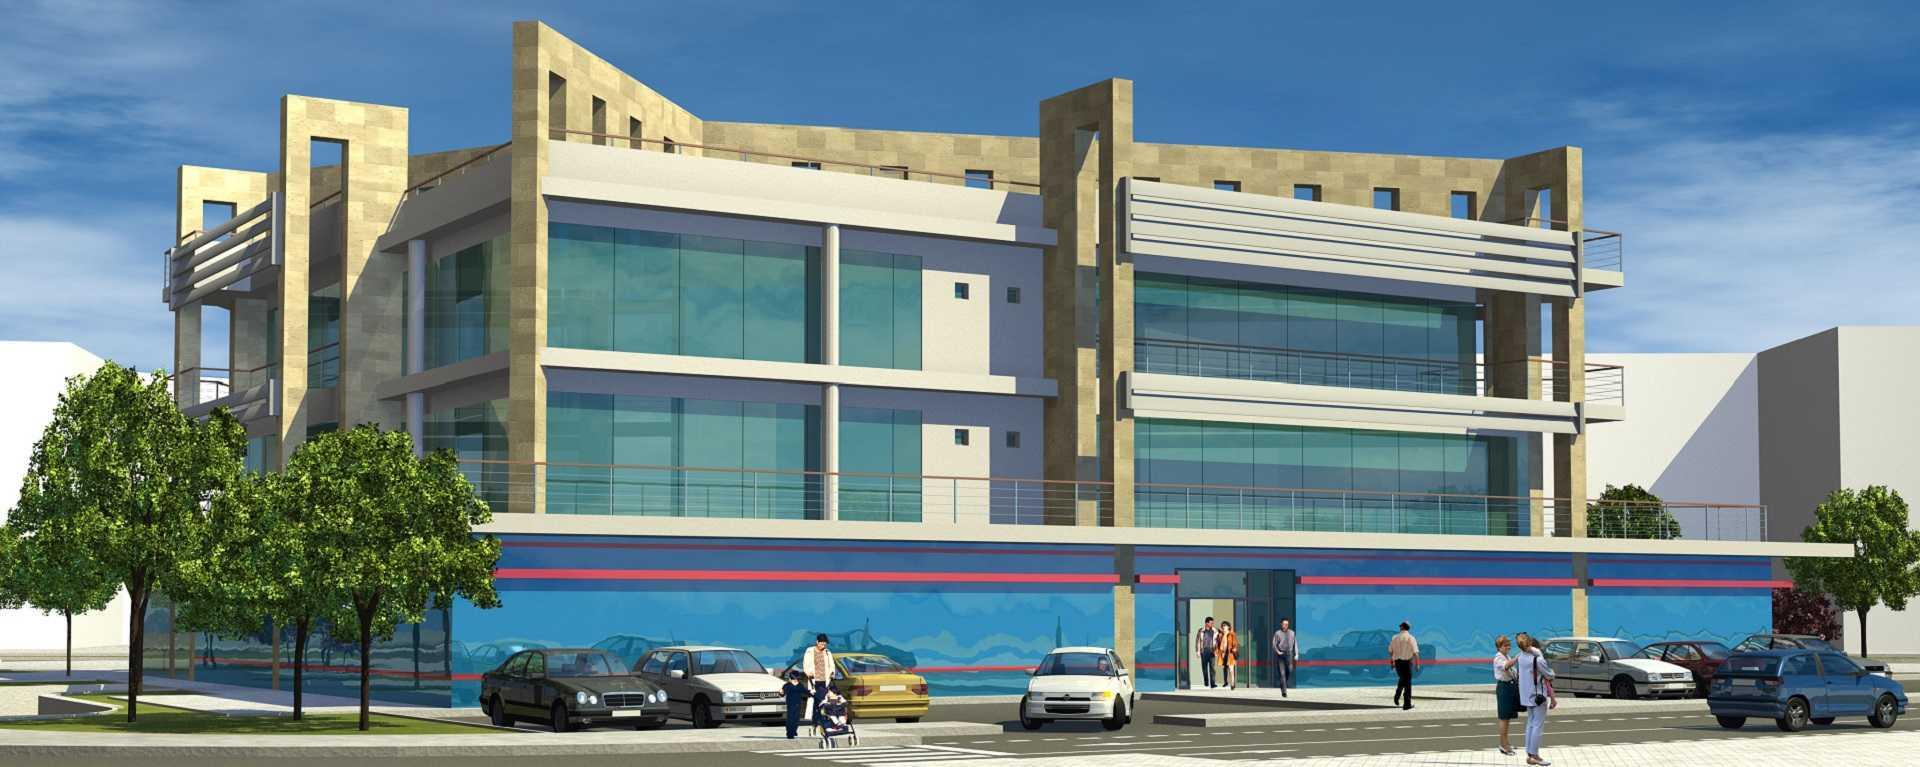 Proyecto arquitectonico edificio Bioclimatico14